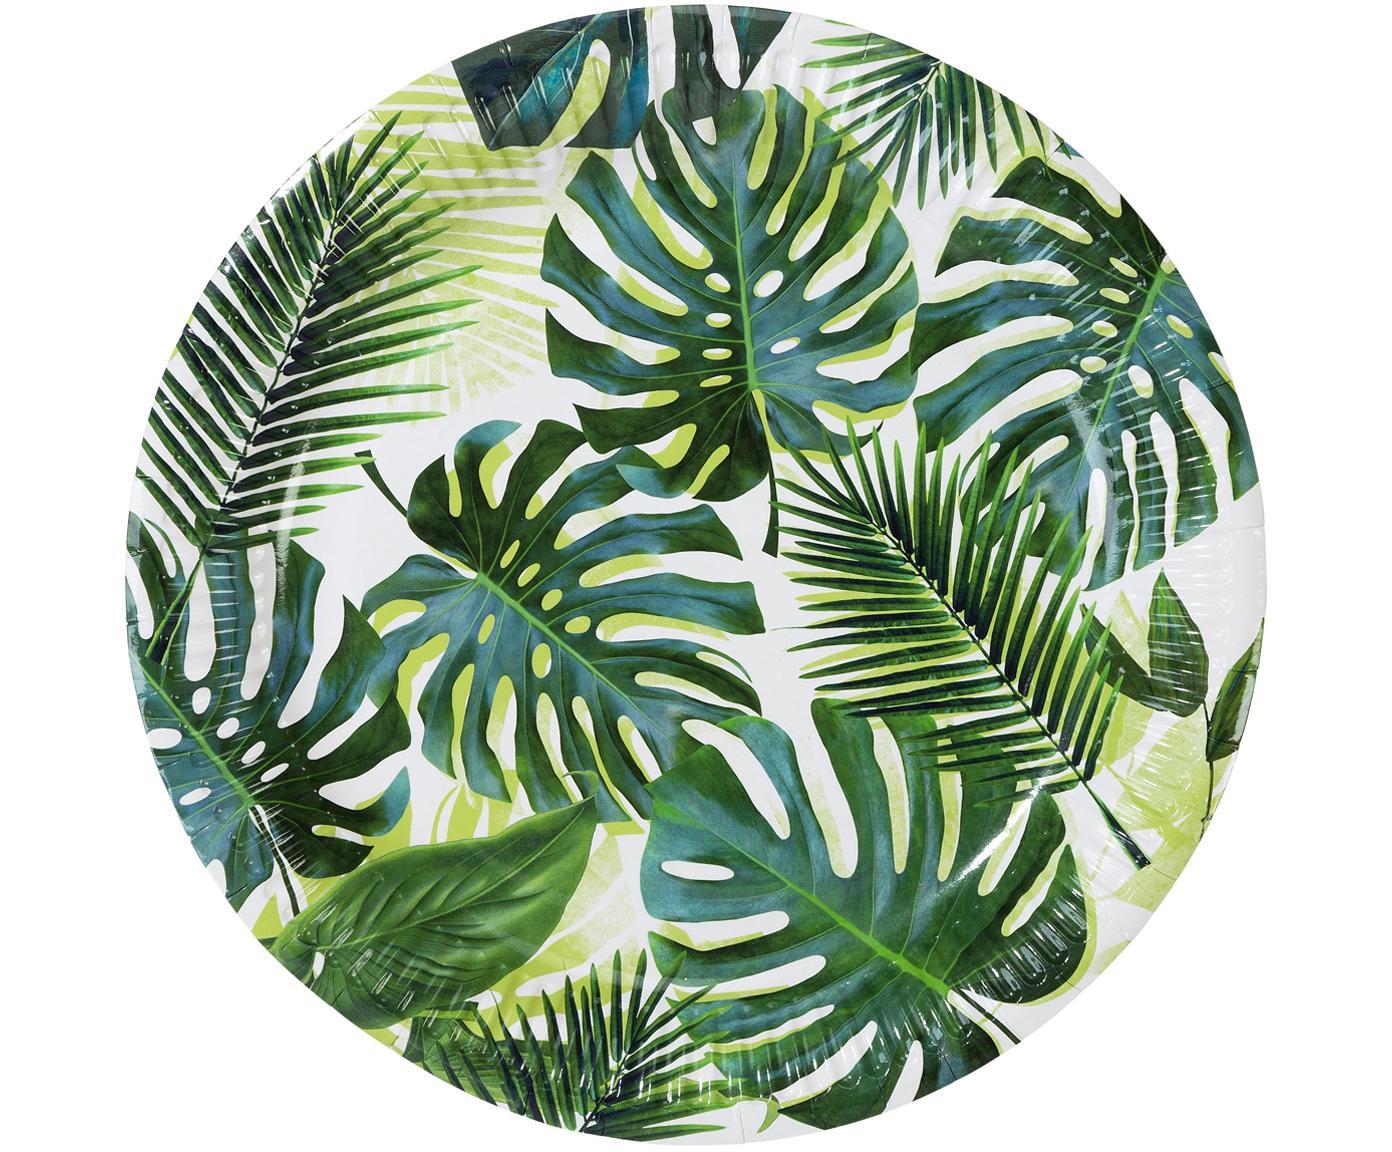 Piatti di carta Tropical Fiesta, 8 pz., Carta, Verde, bianco, Ø 23 x Alt. 2 cm